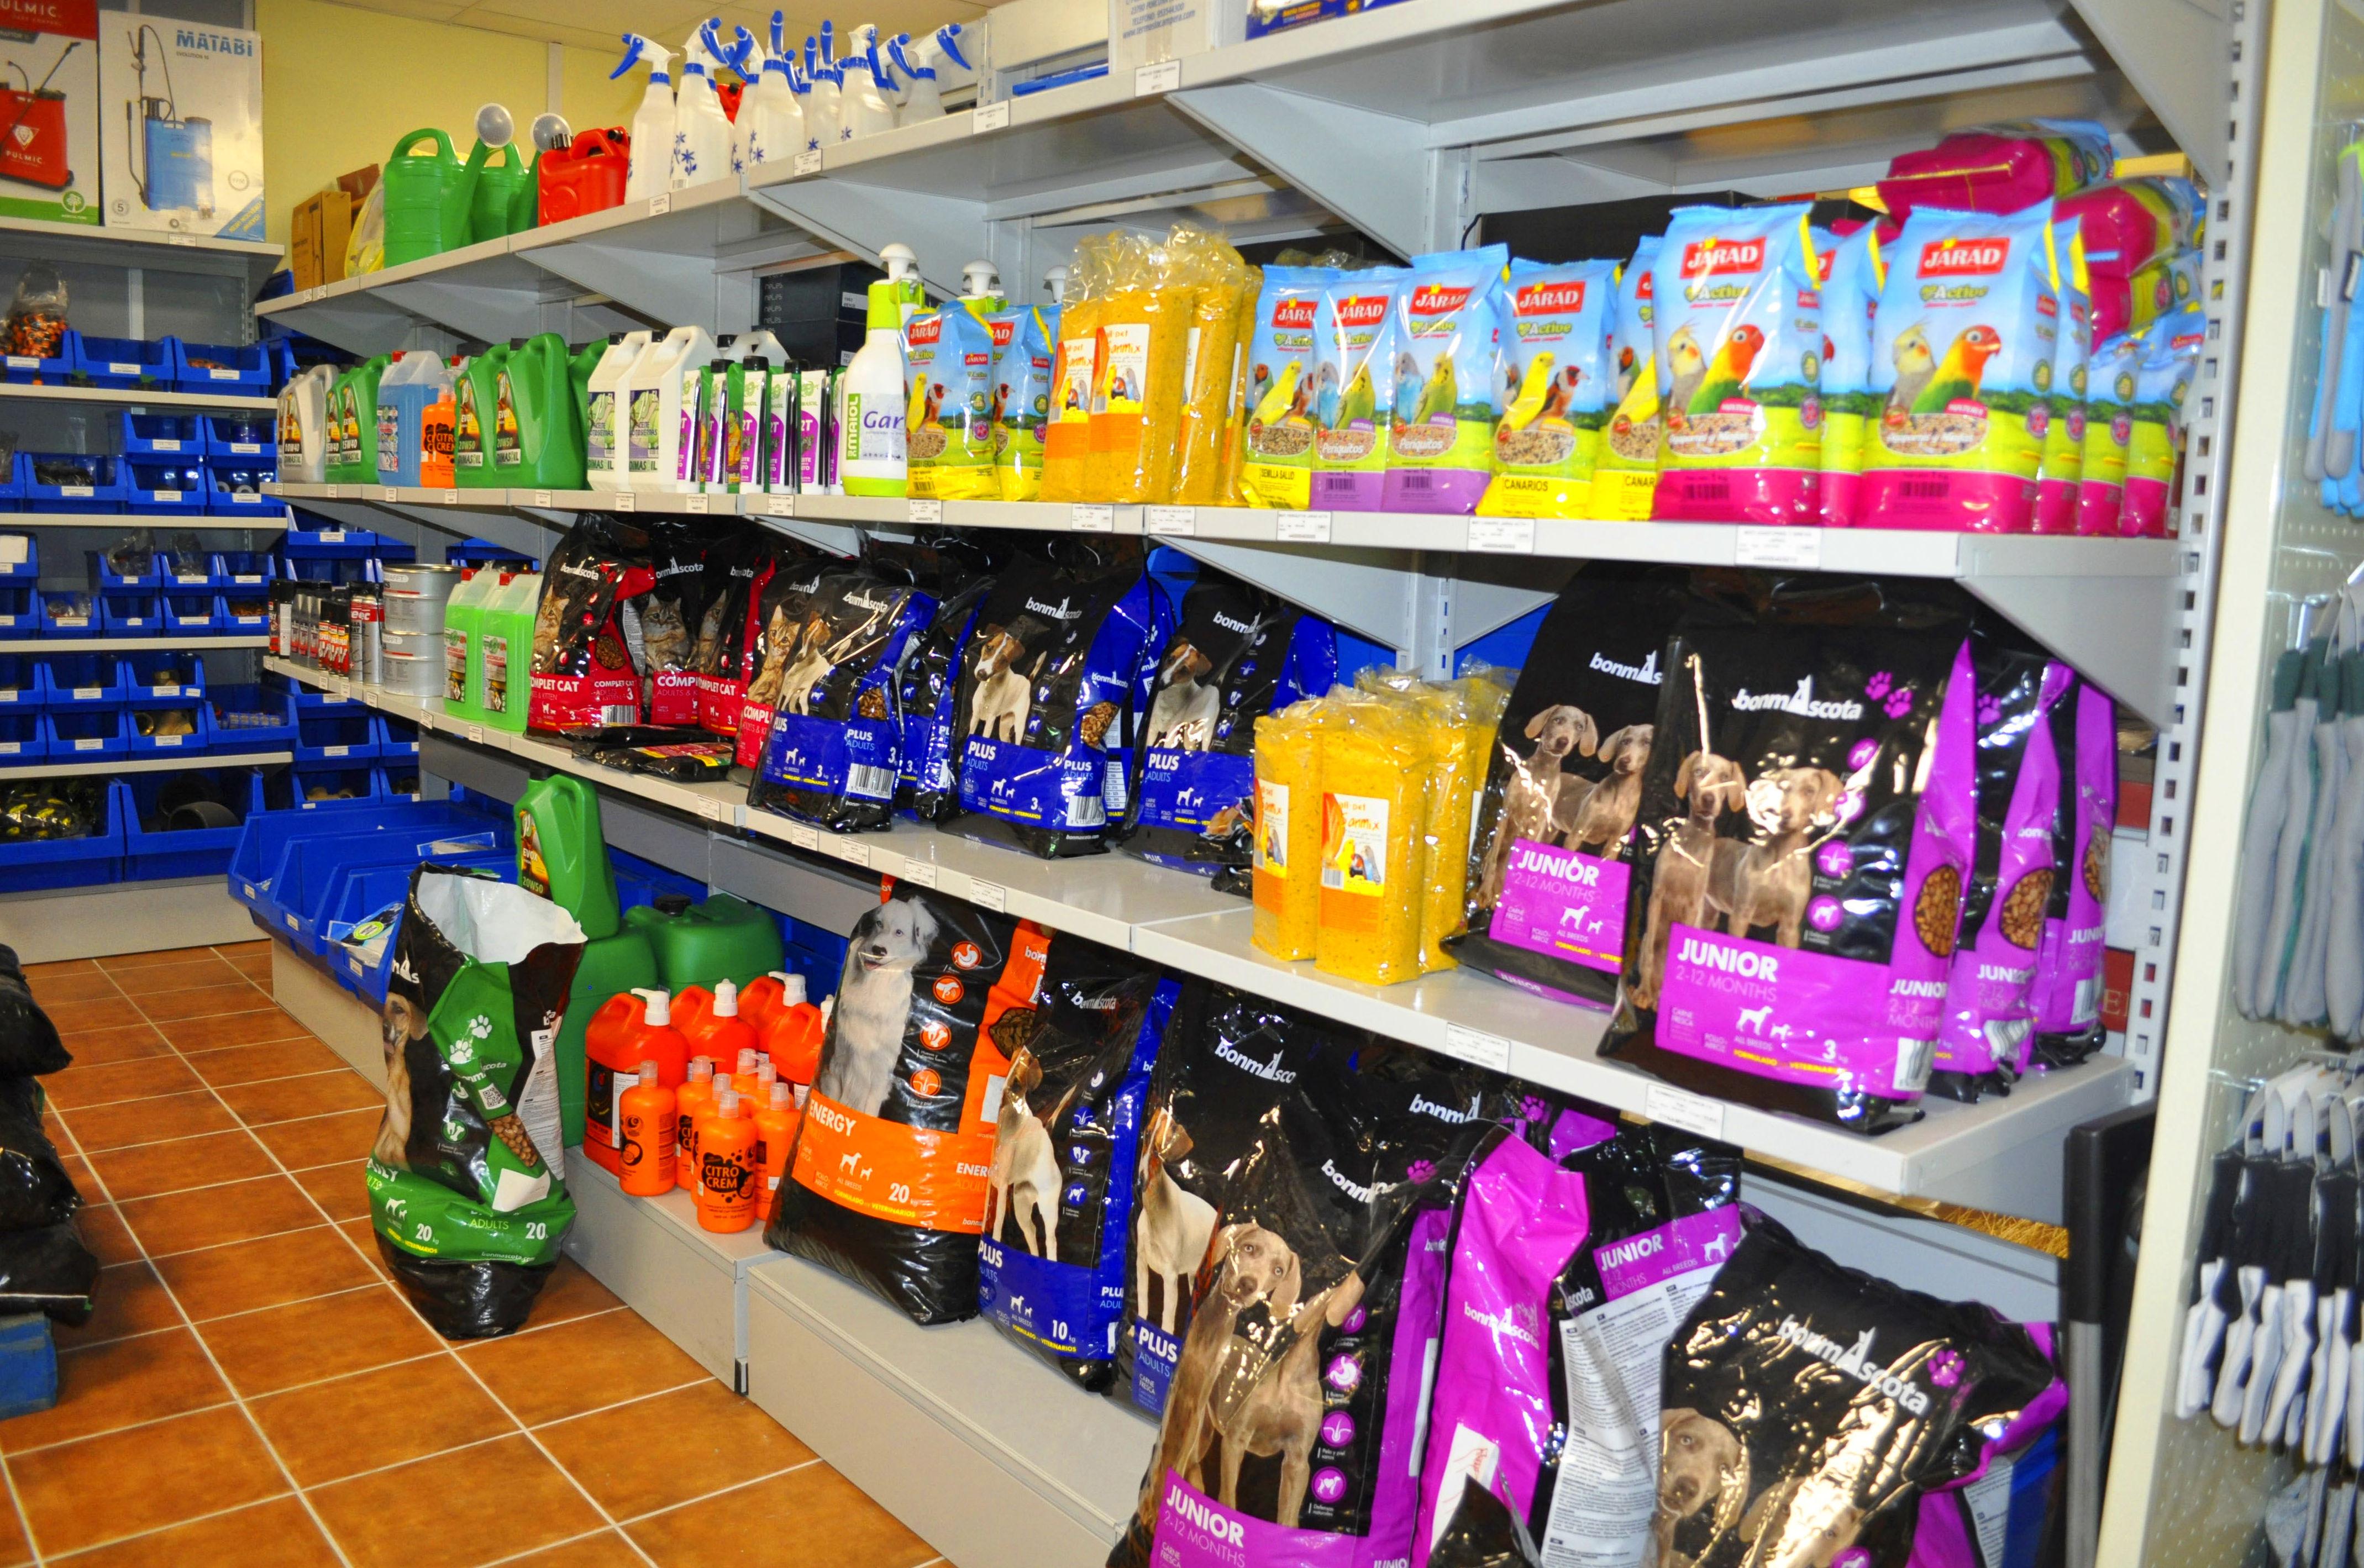 Foto 14 de Insecticidas y abonos en XATIVA | Insecticidas y abonos Llopis y Llopis S.L.